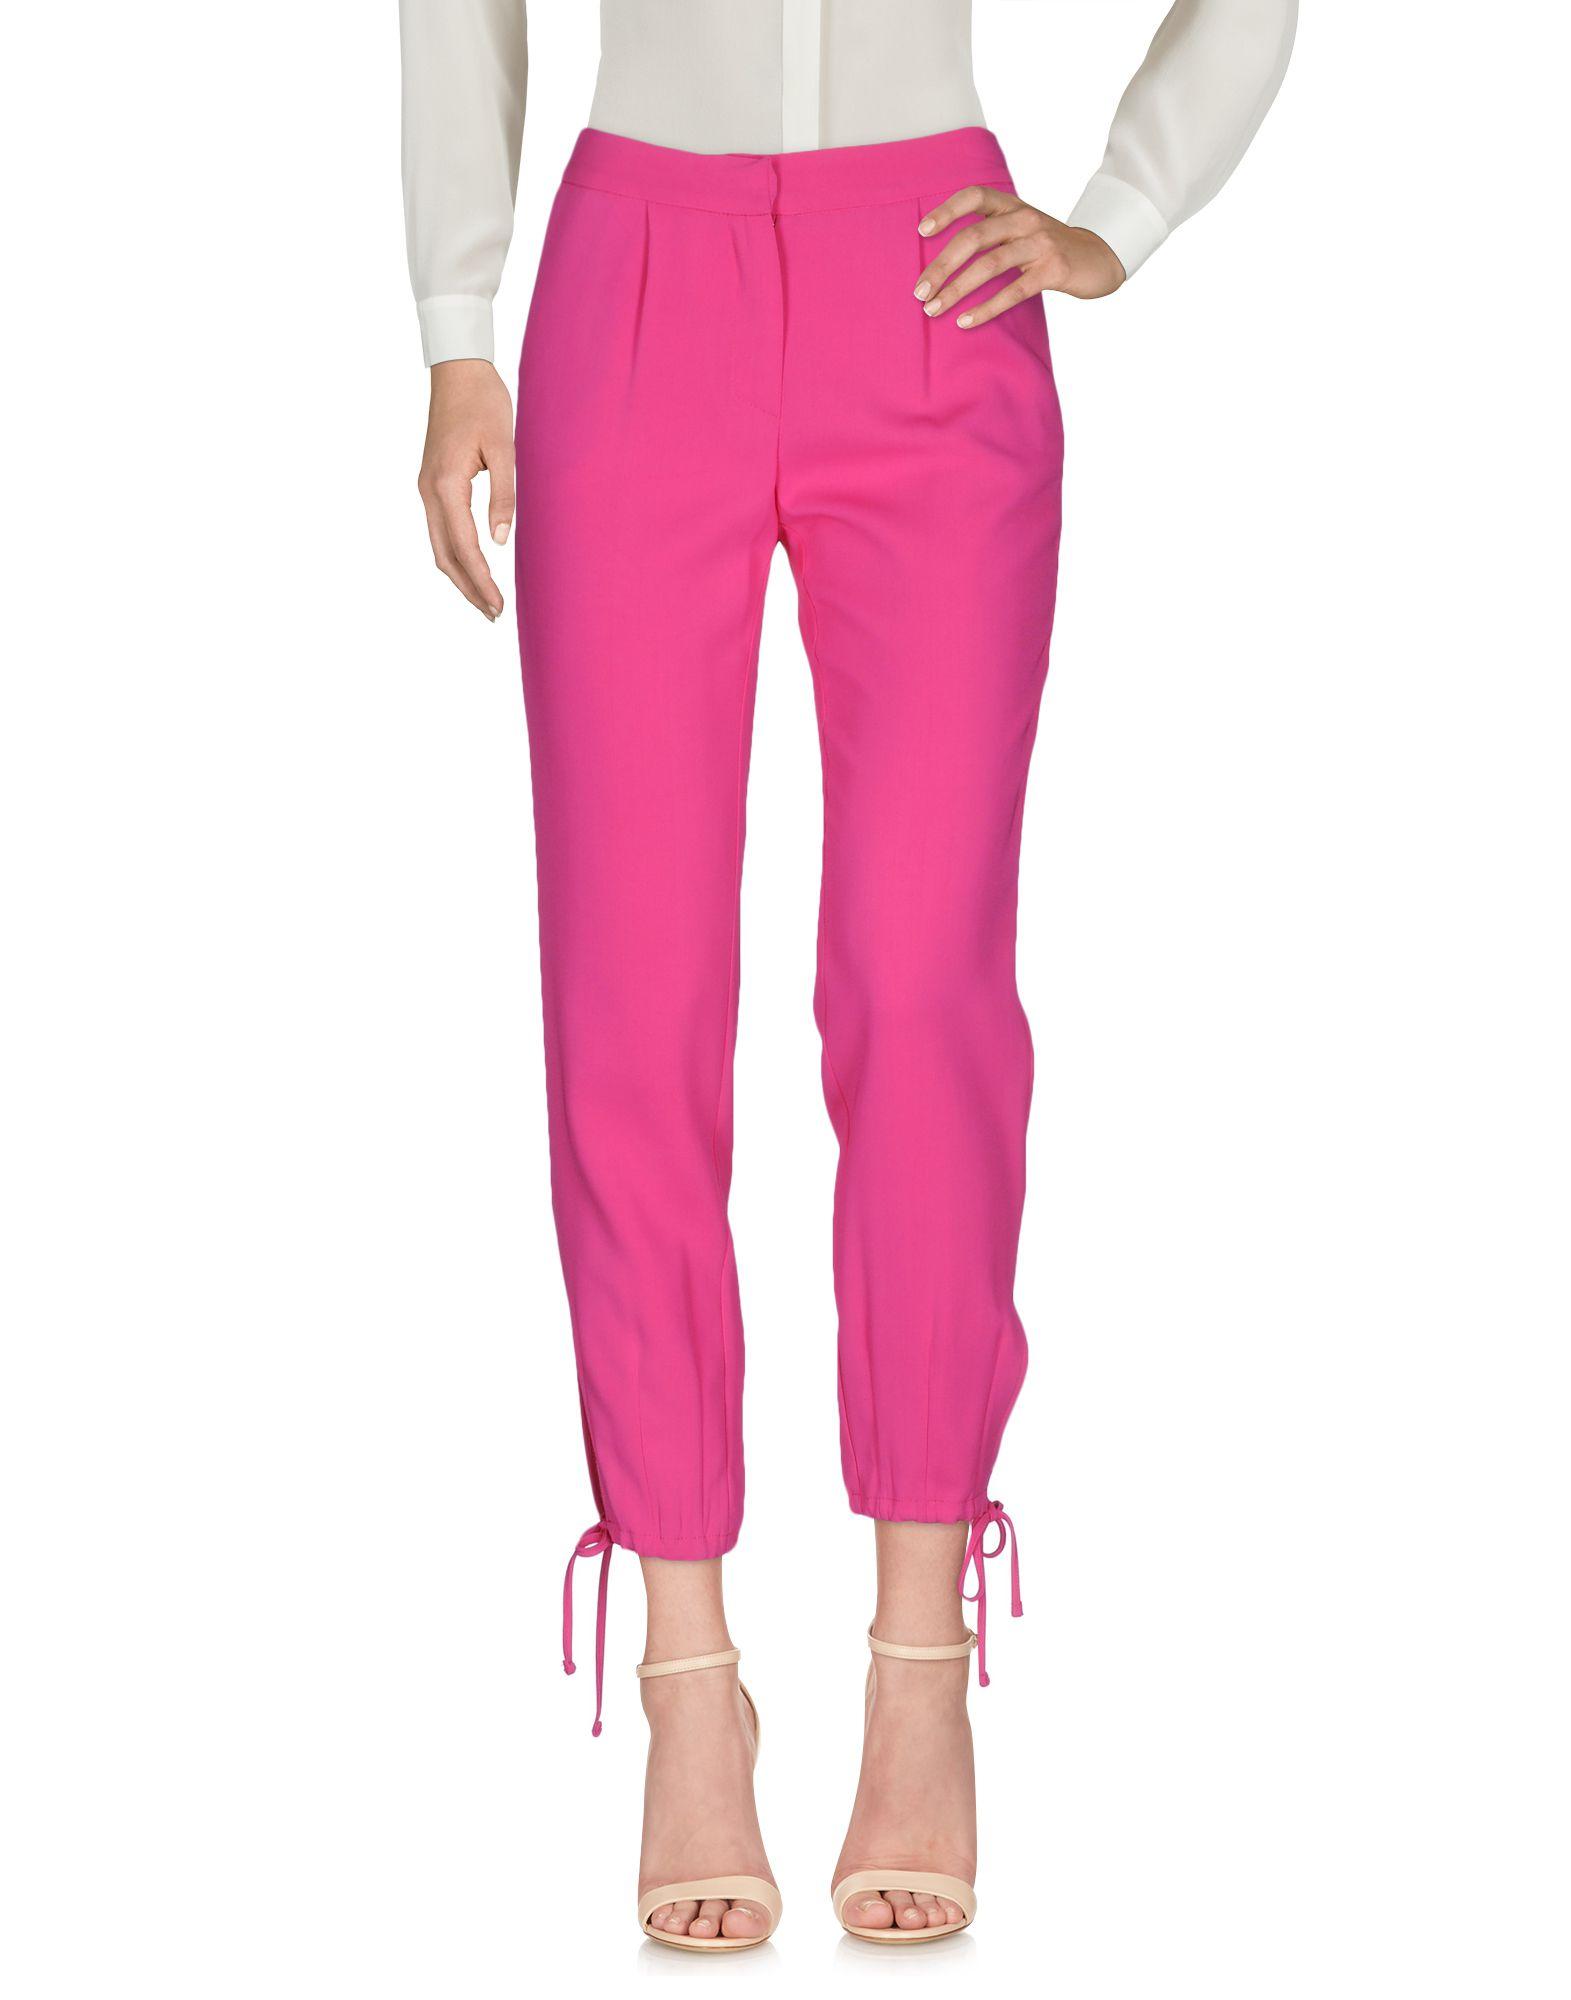 цены на SIMONA CORSELLINI Повседневные брюки в интернет-магазинах